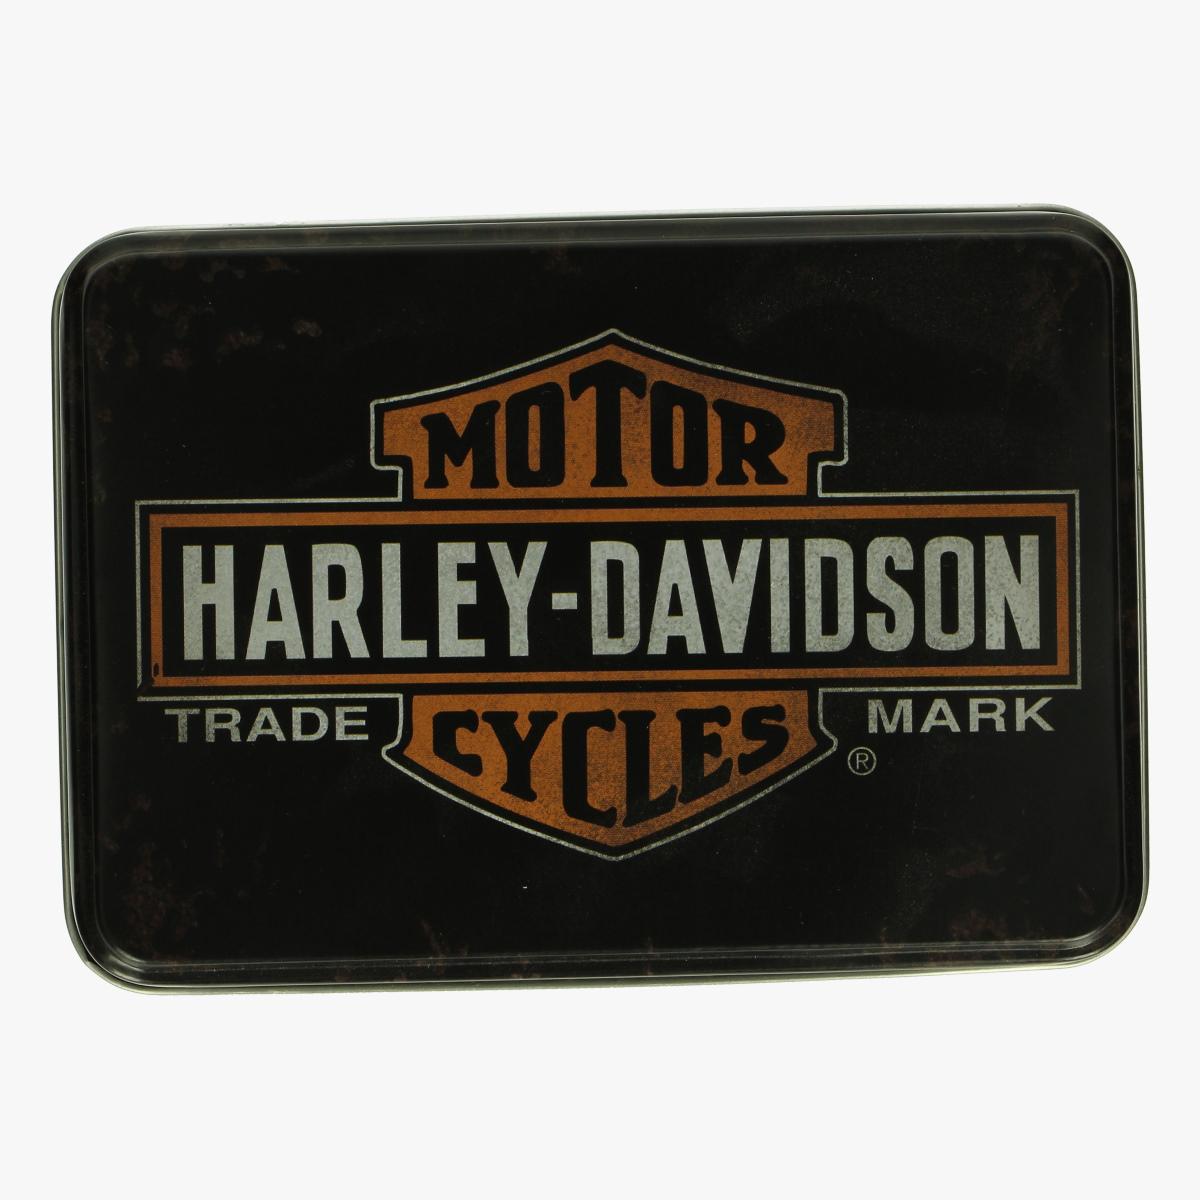 Afbeeldingen van blikken doos harley- davidson genuine motorcycles since 1903 repro